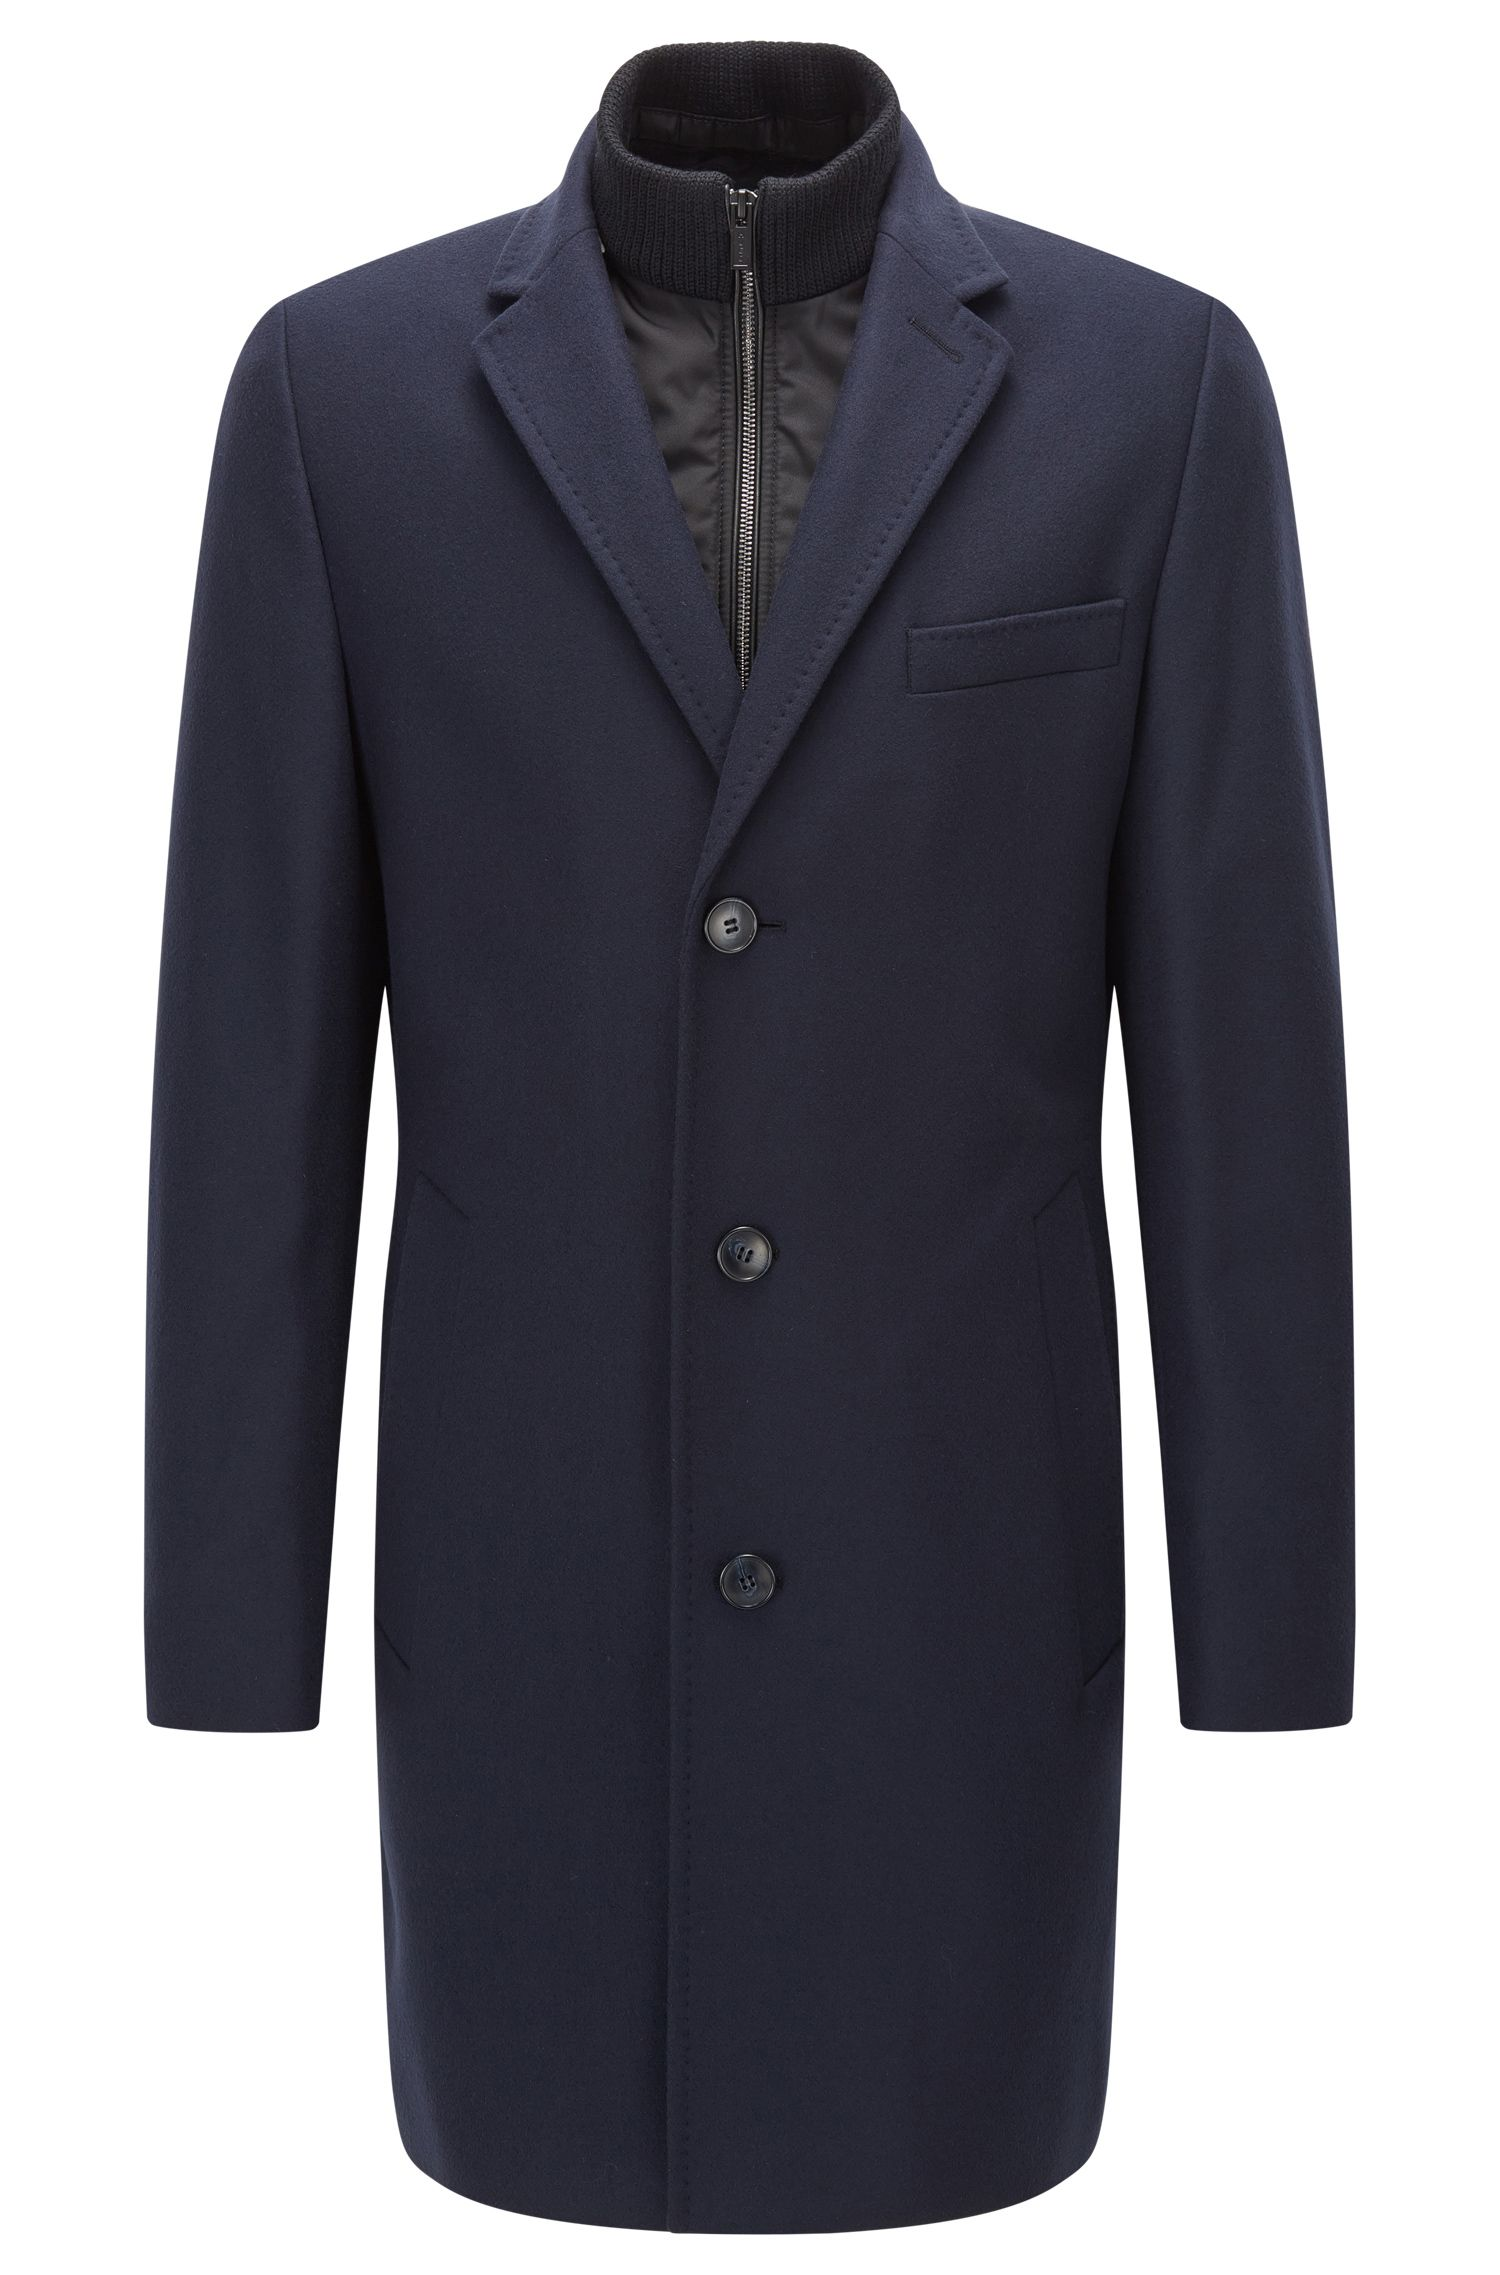 Soprabito regular fit in misto lana con colletto rialzato con zip